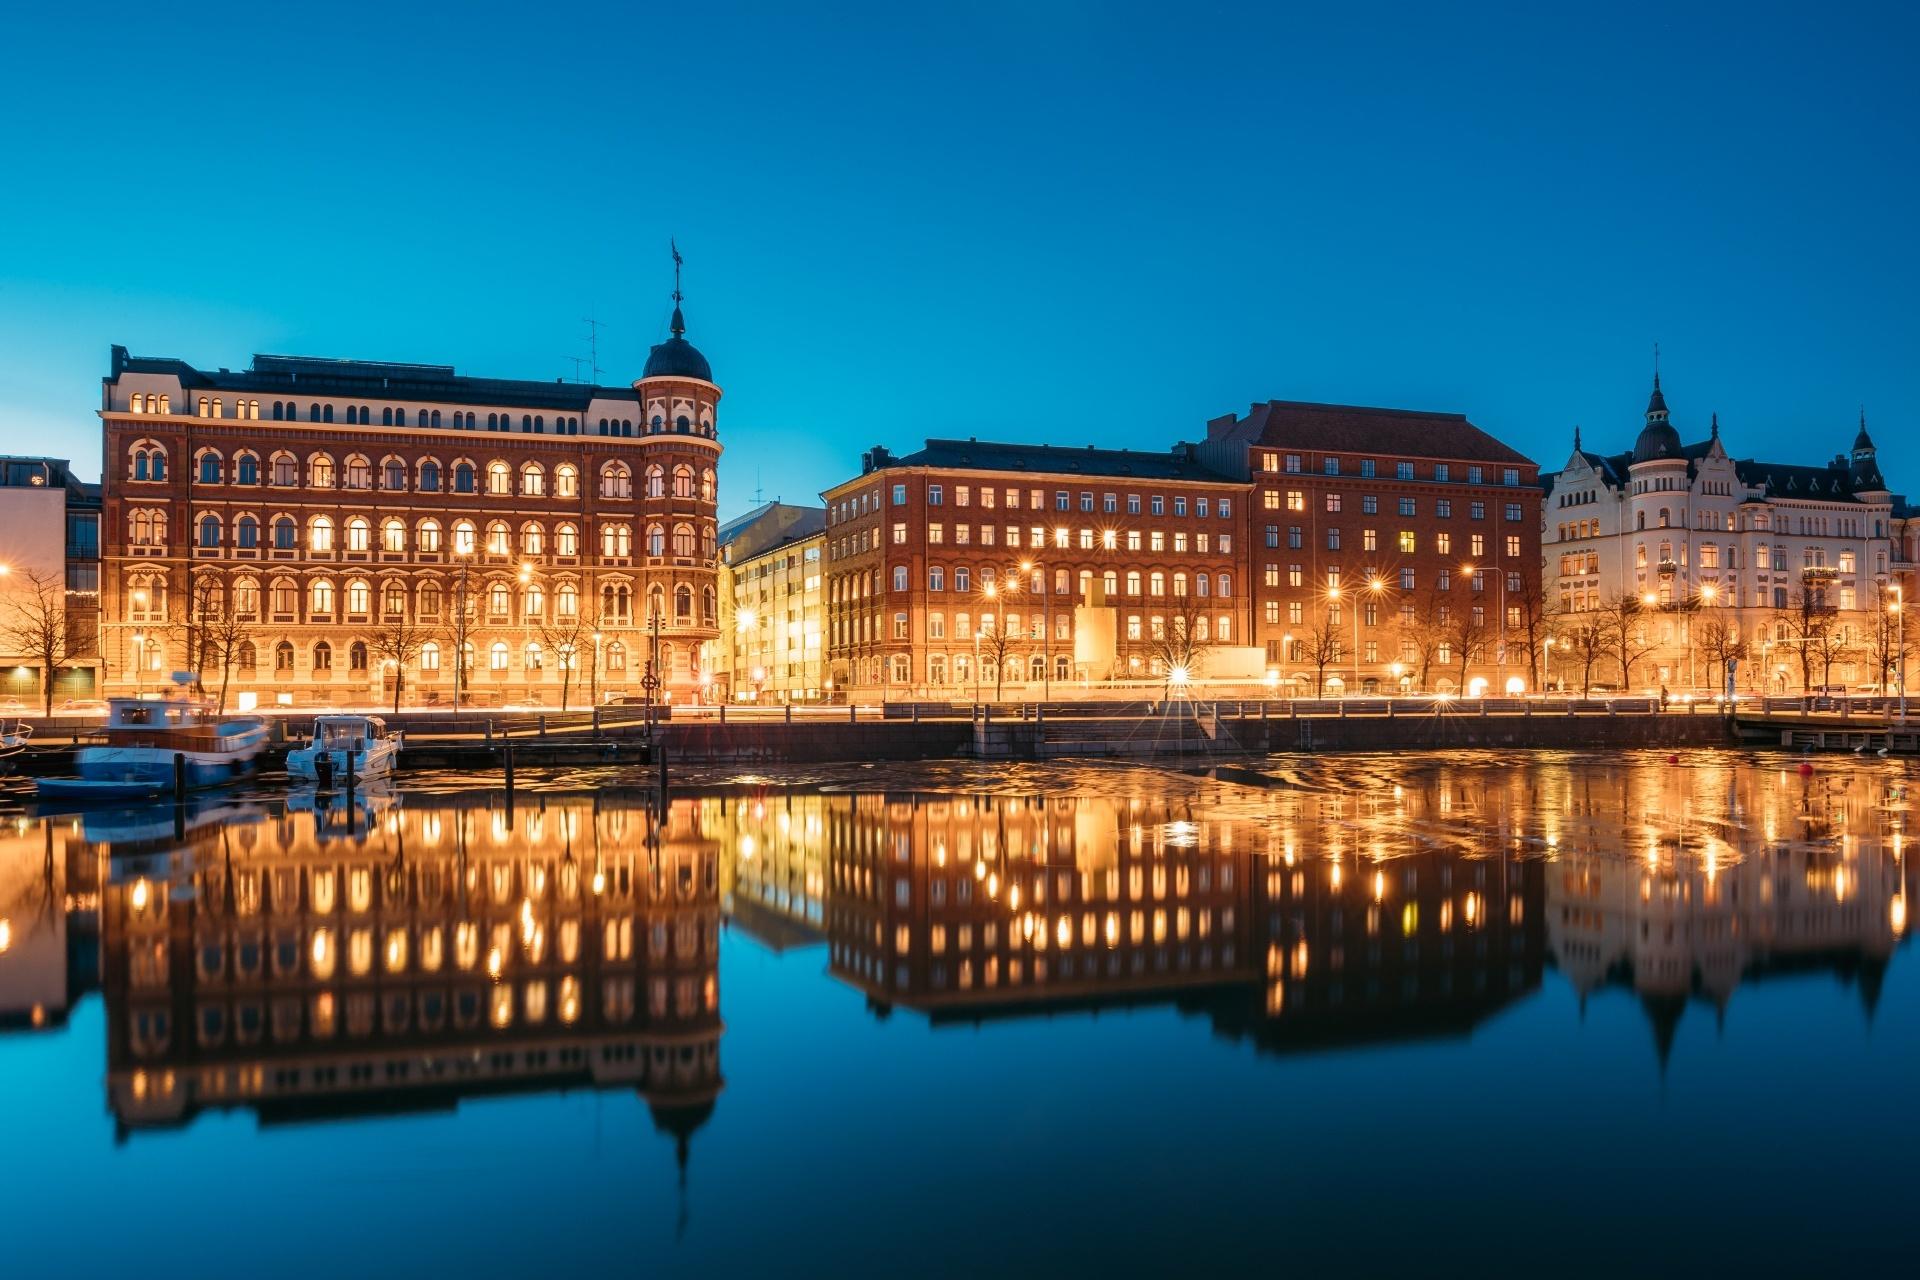 ヘルシンキの夜の風景 フィンランドの風景